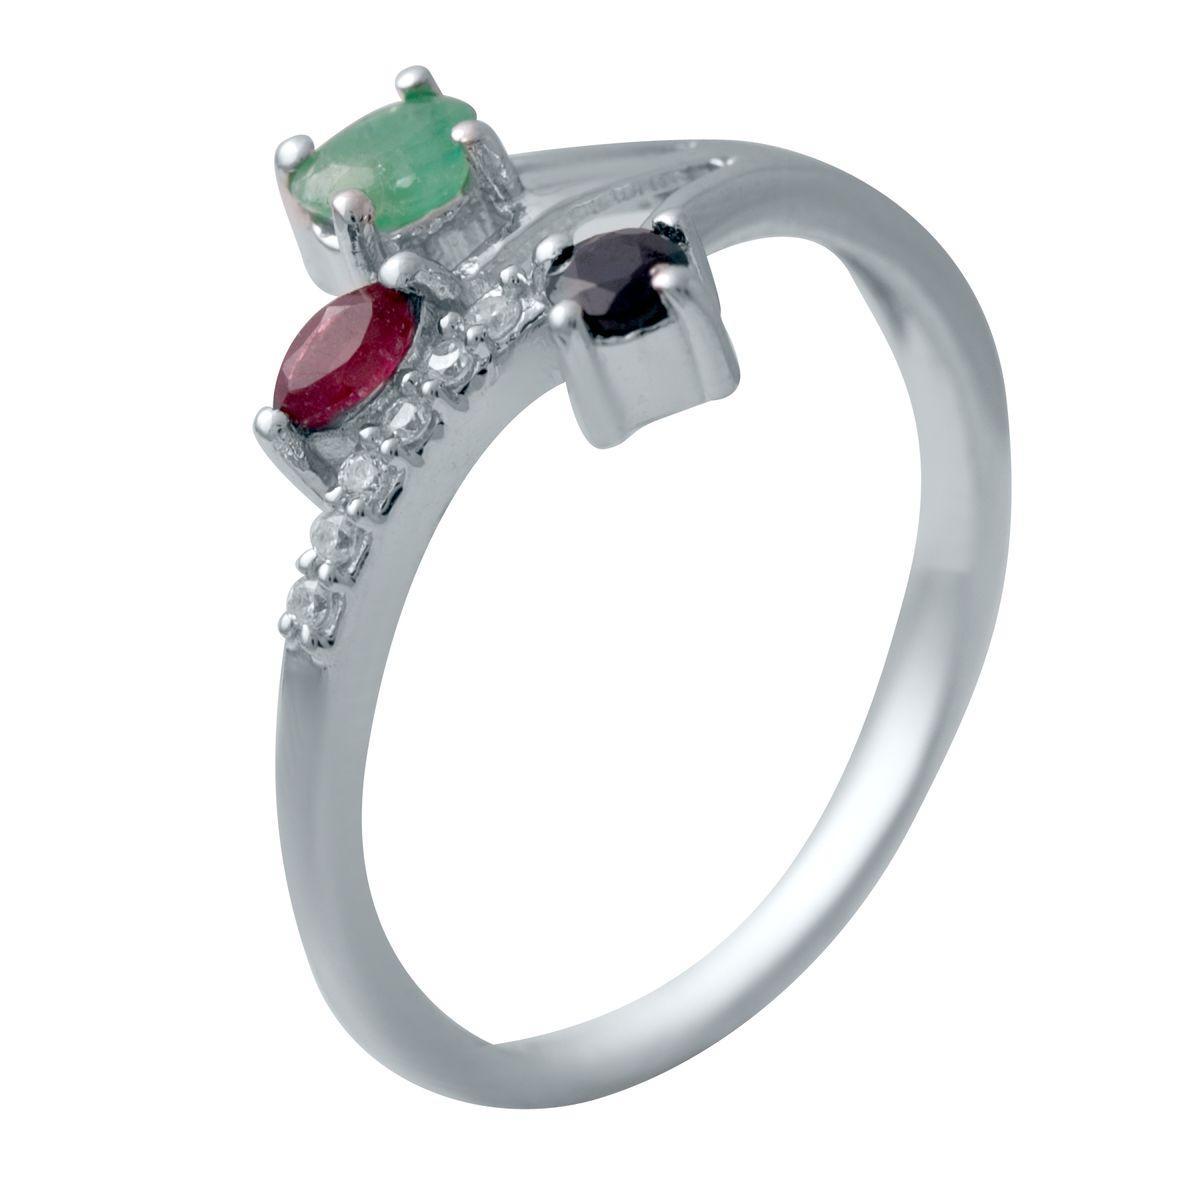 Серебряное кольцо DreamJewelry с натуральным изумрудом, рубином, сапфиром (2034049) 17.5 размер